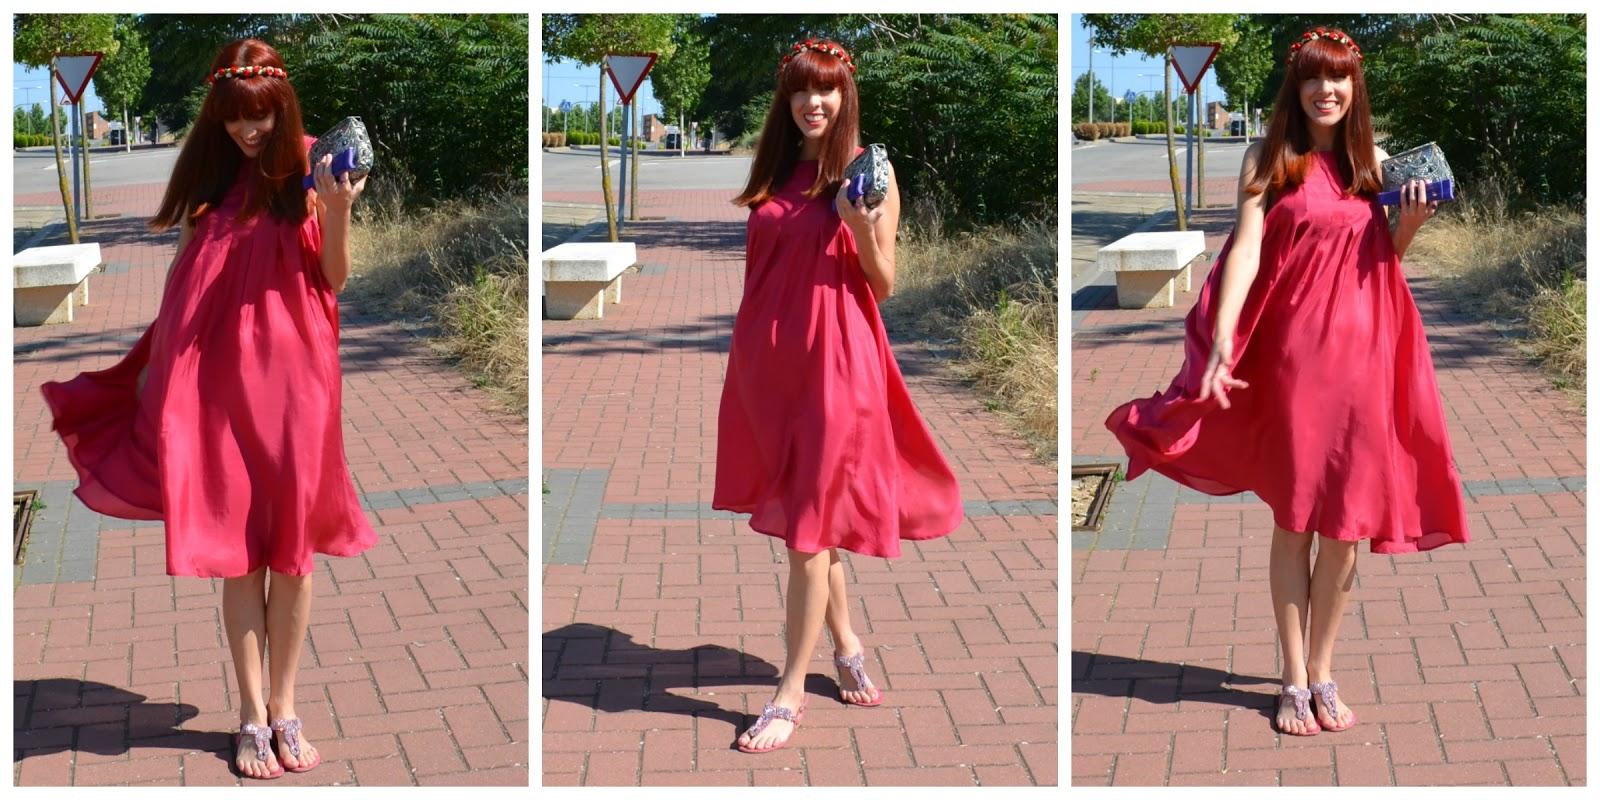 Vistoso Boda Vestido Rojo Galería - Ideas de los Estilos del Vestido ...